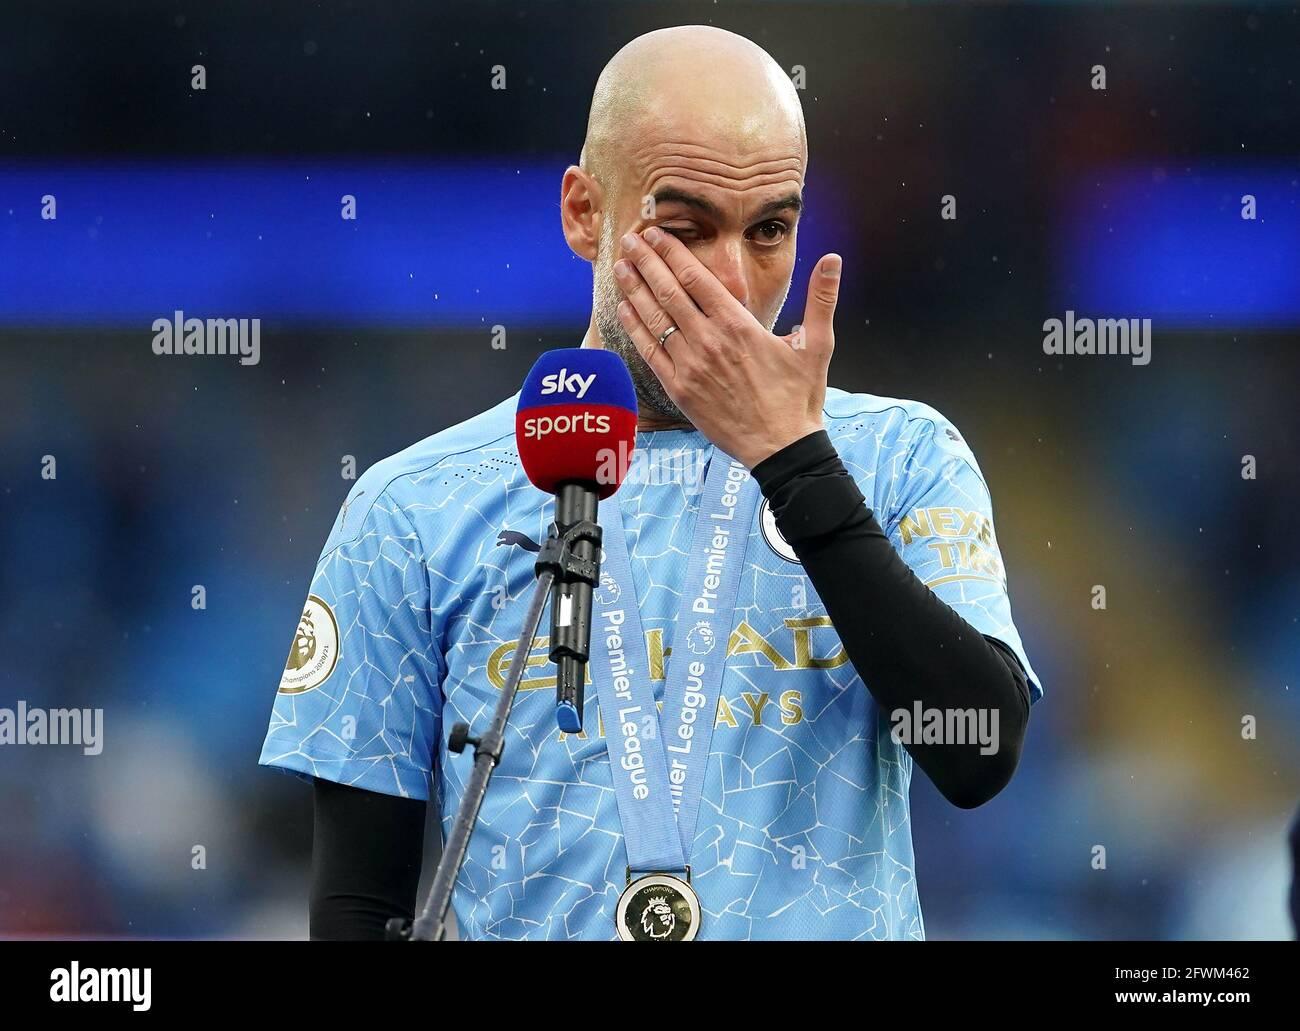 Il manager della città di Manchester Pep Guardiola parla con Sky Sports dopo aver vinto il Premier League Trophy dopo il fischio finale nella partita della Premier League all'Etihad Stadium di Manchester. Data immagine: Domenica 23 maggio 2021. Foto Stock